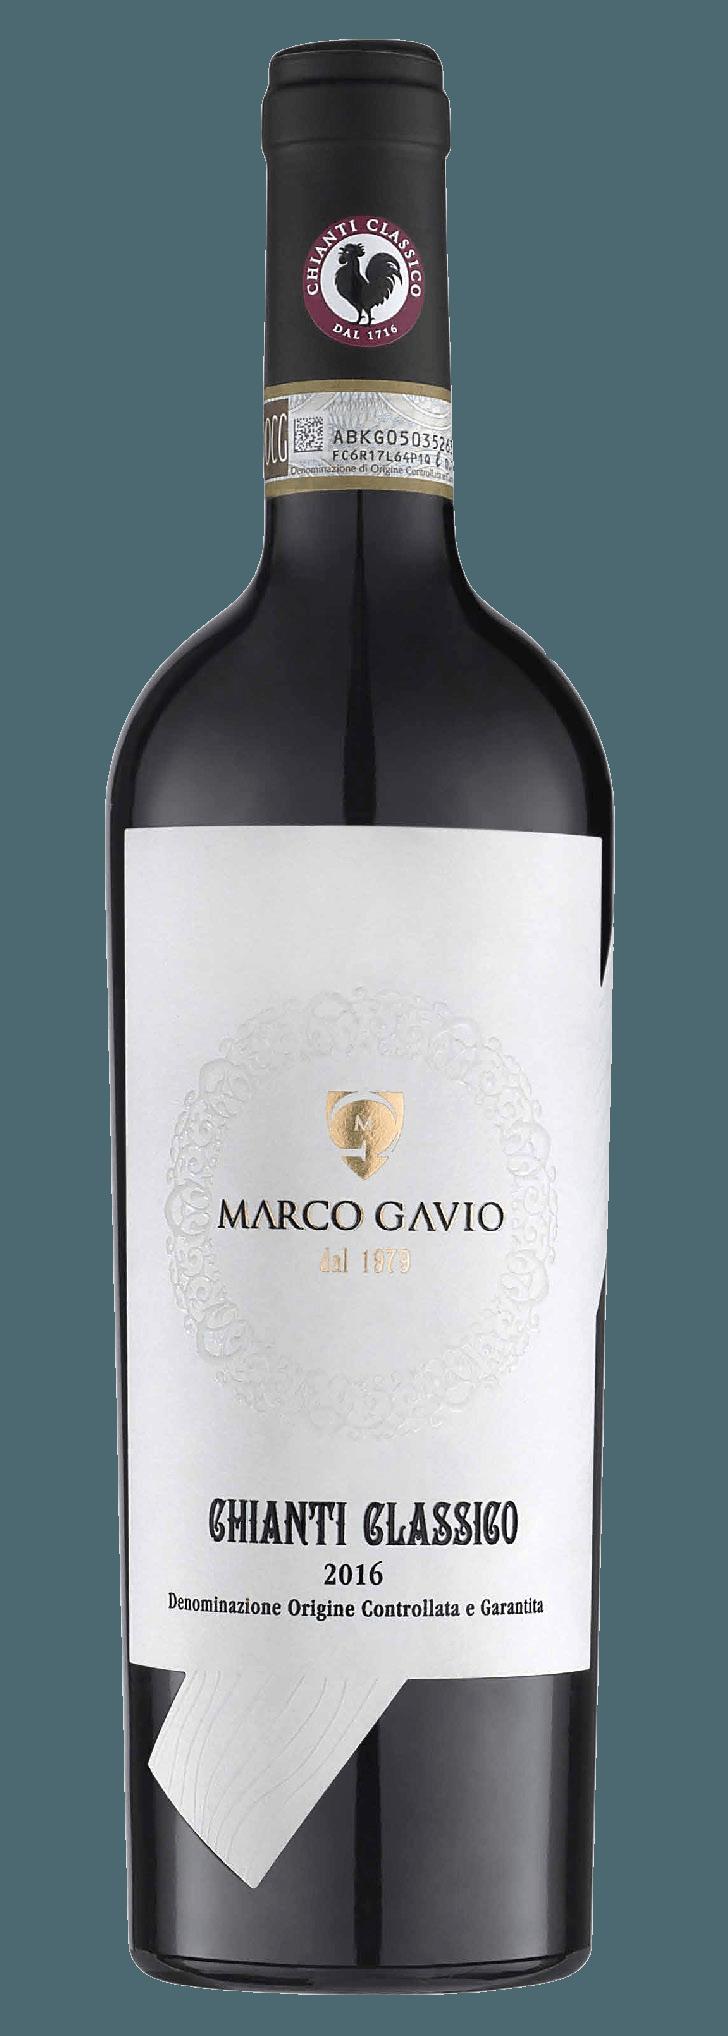 Image 0: Marco Gavio Chianti Classico D.O.C.G.